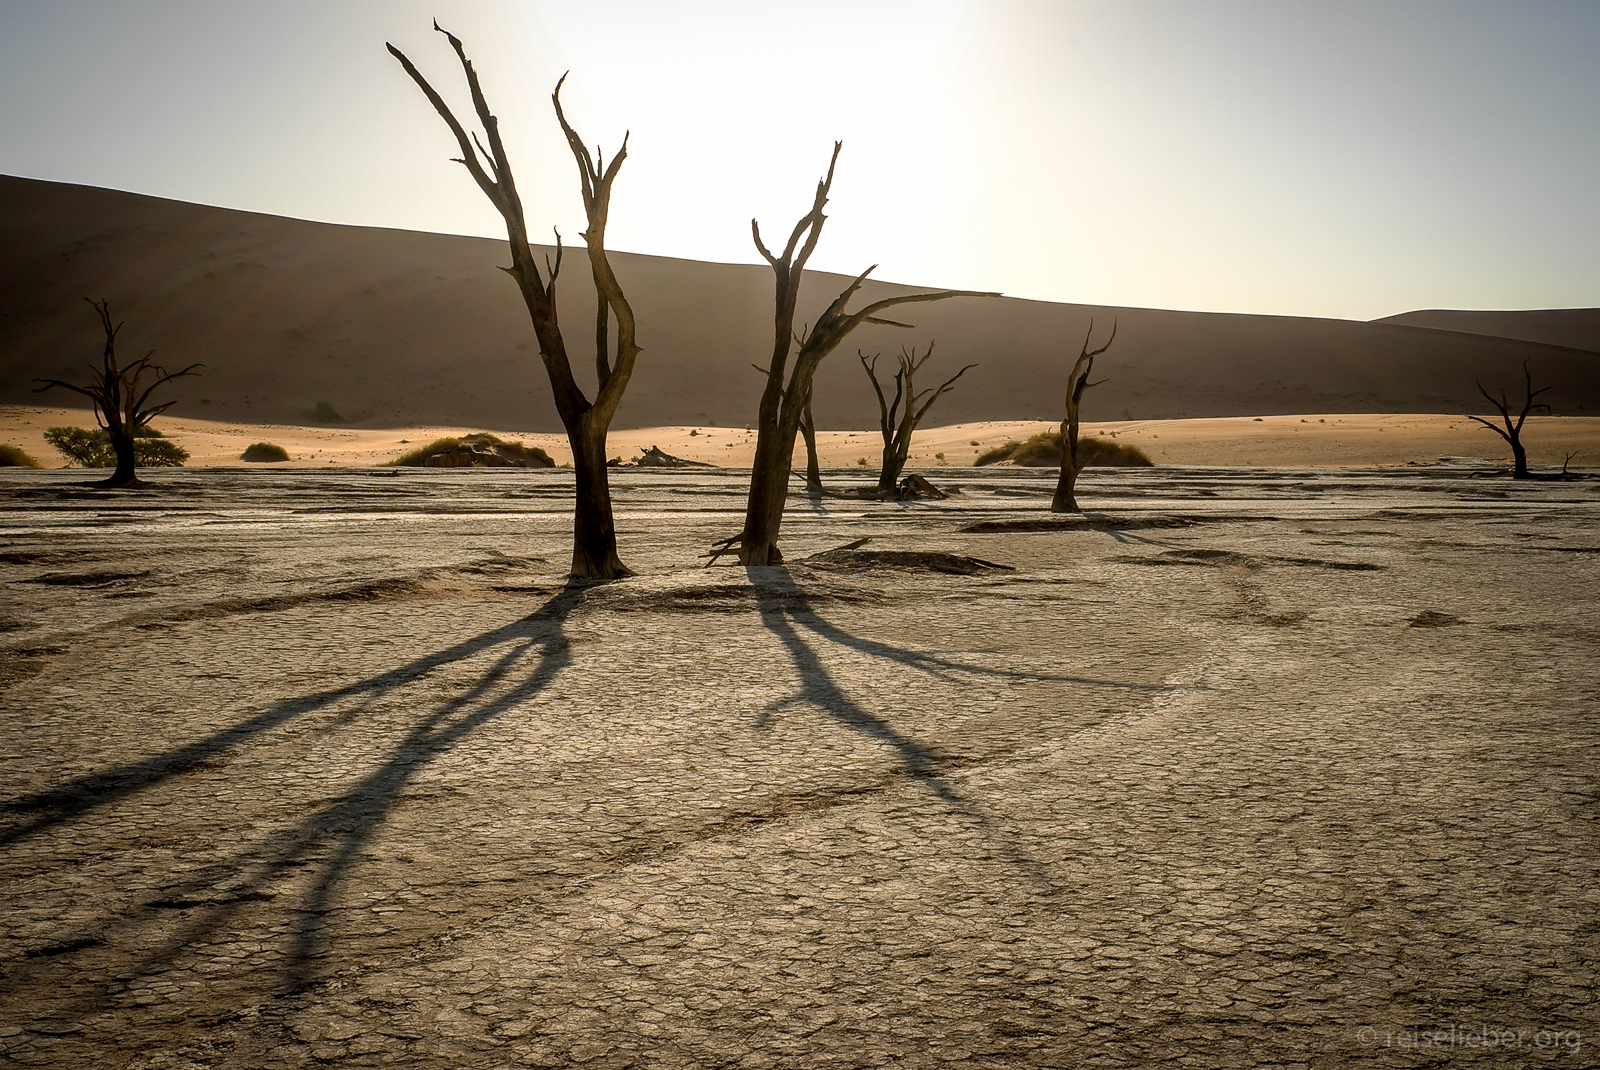 20141025_Namibia_Roadtrio_Chronik_L1121799